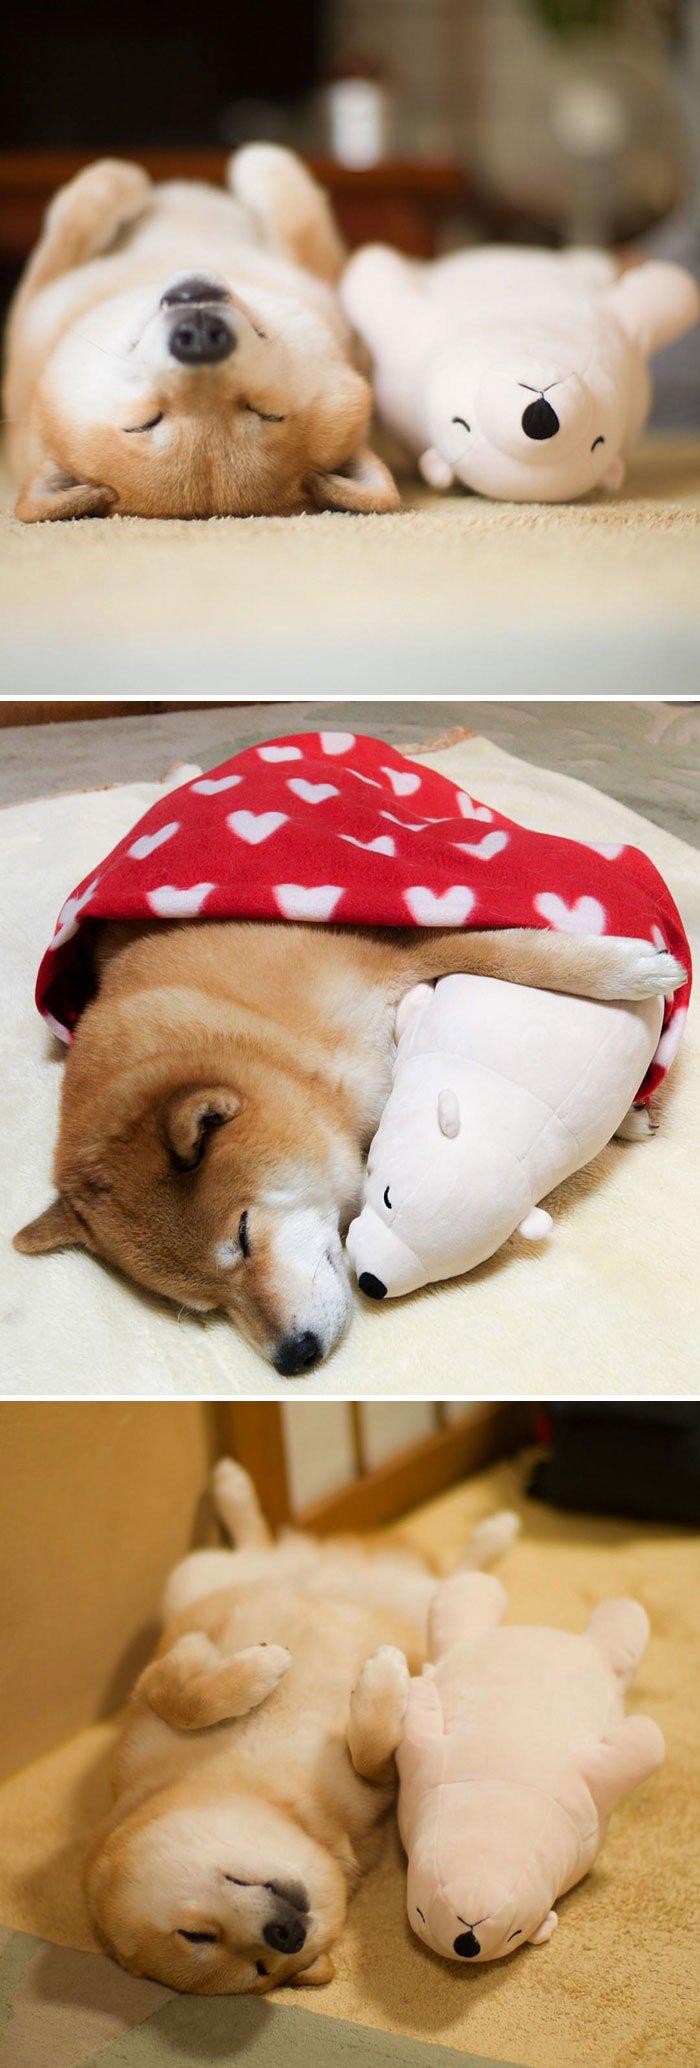 30 hình ảnh chứng minh giống chó Shiba Inu là 'thánh biểu cảm của năm